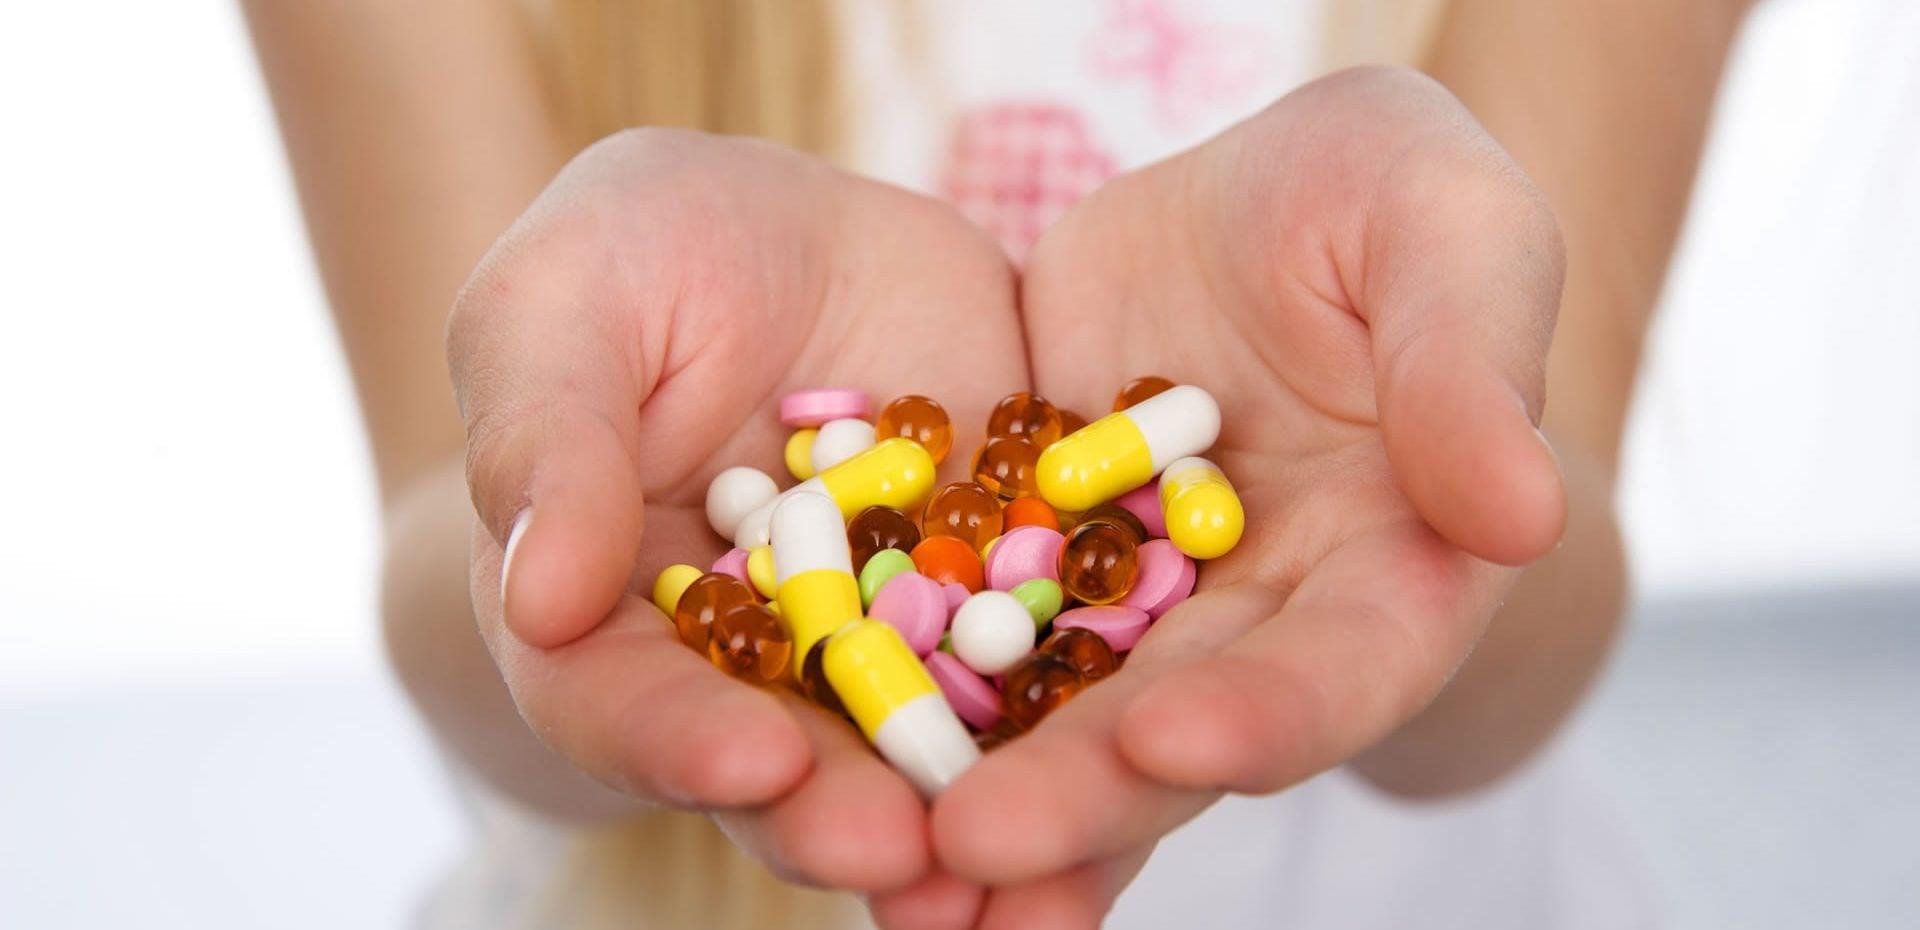 این دارو برای پیشگیری از بارداری تجویز می شود